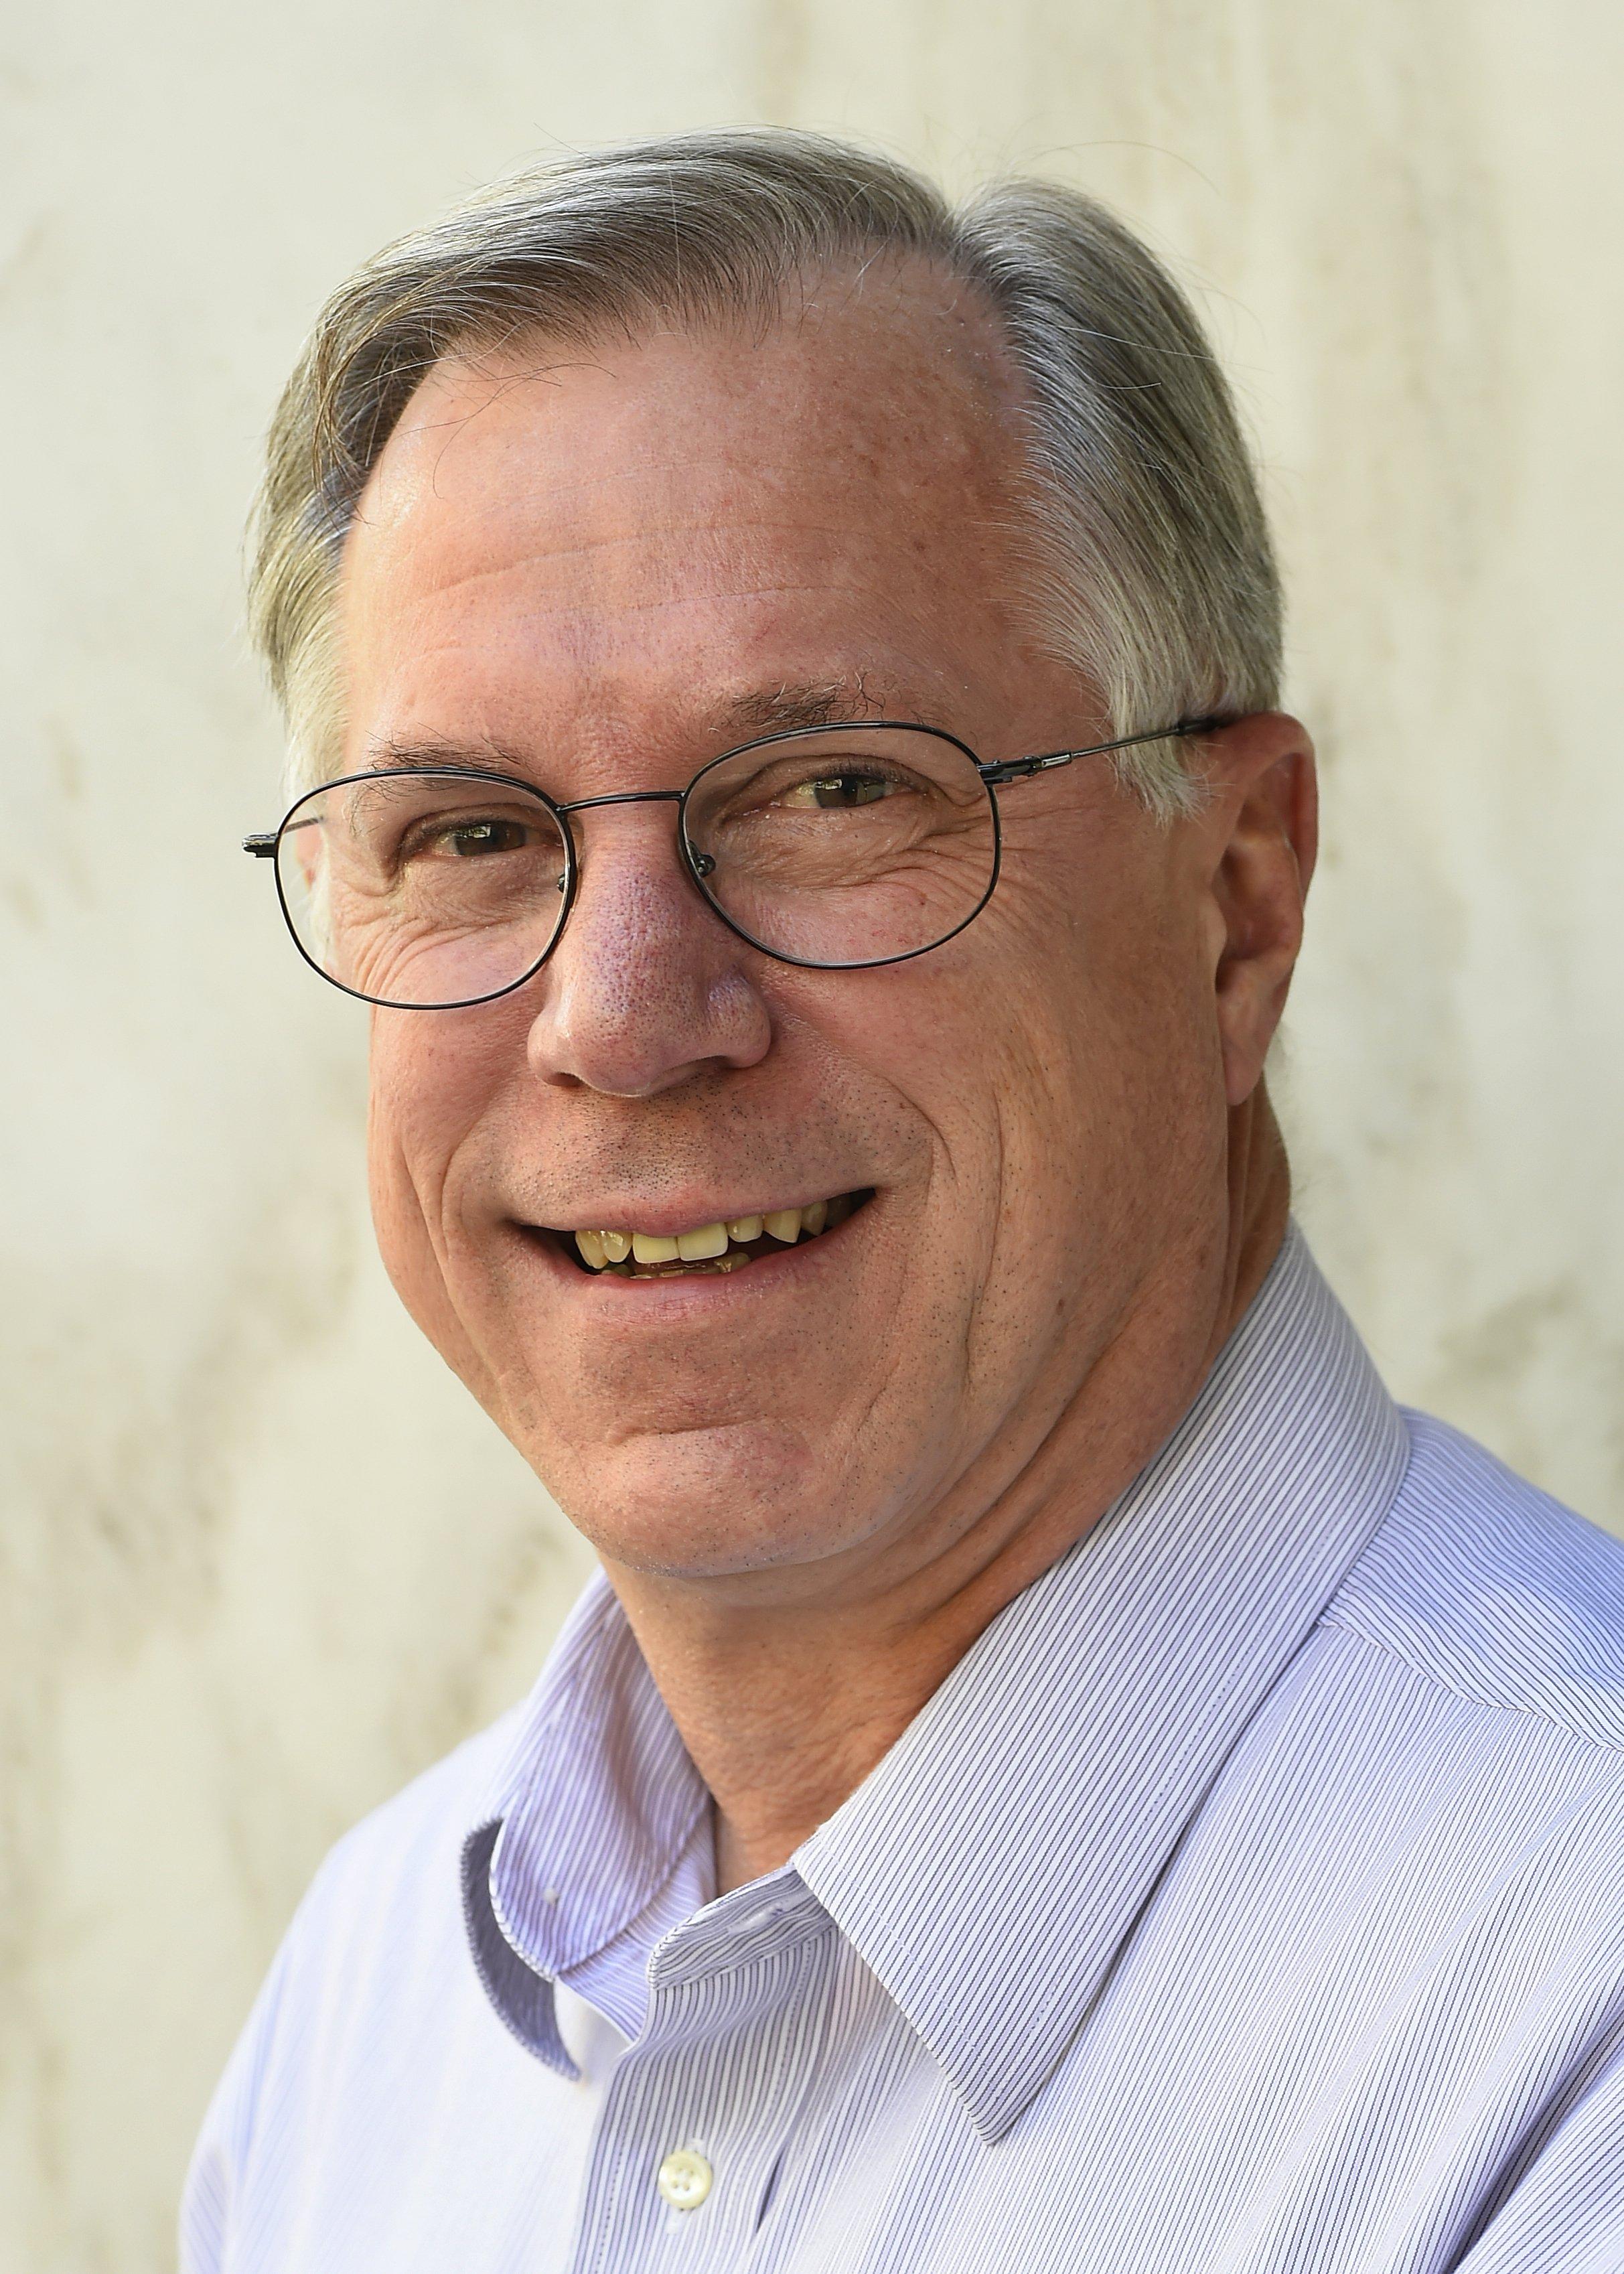 Stan Linhorst